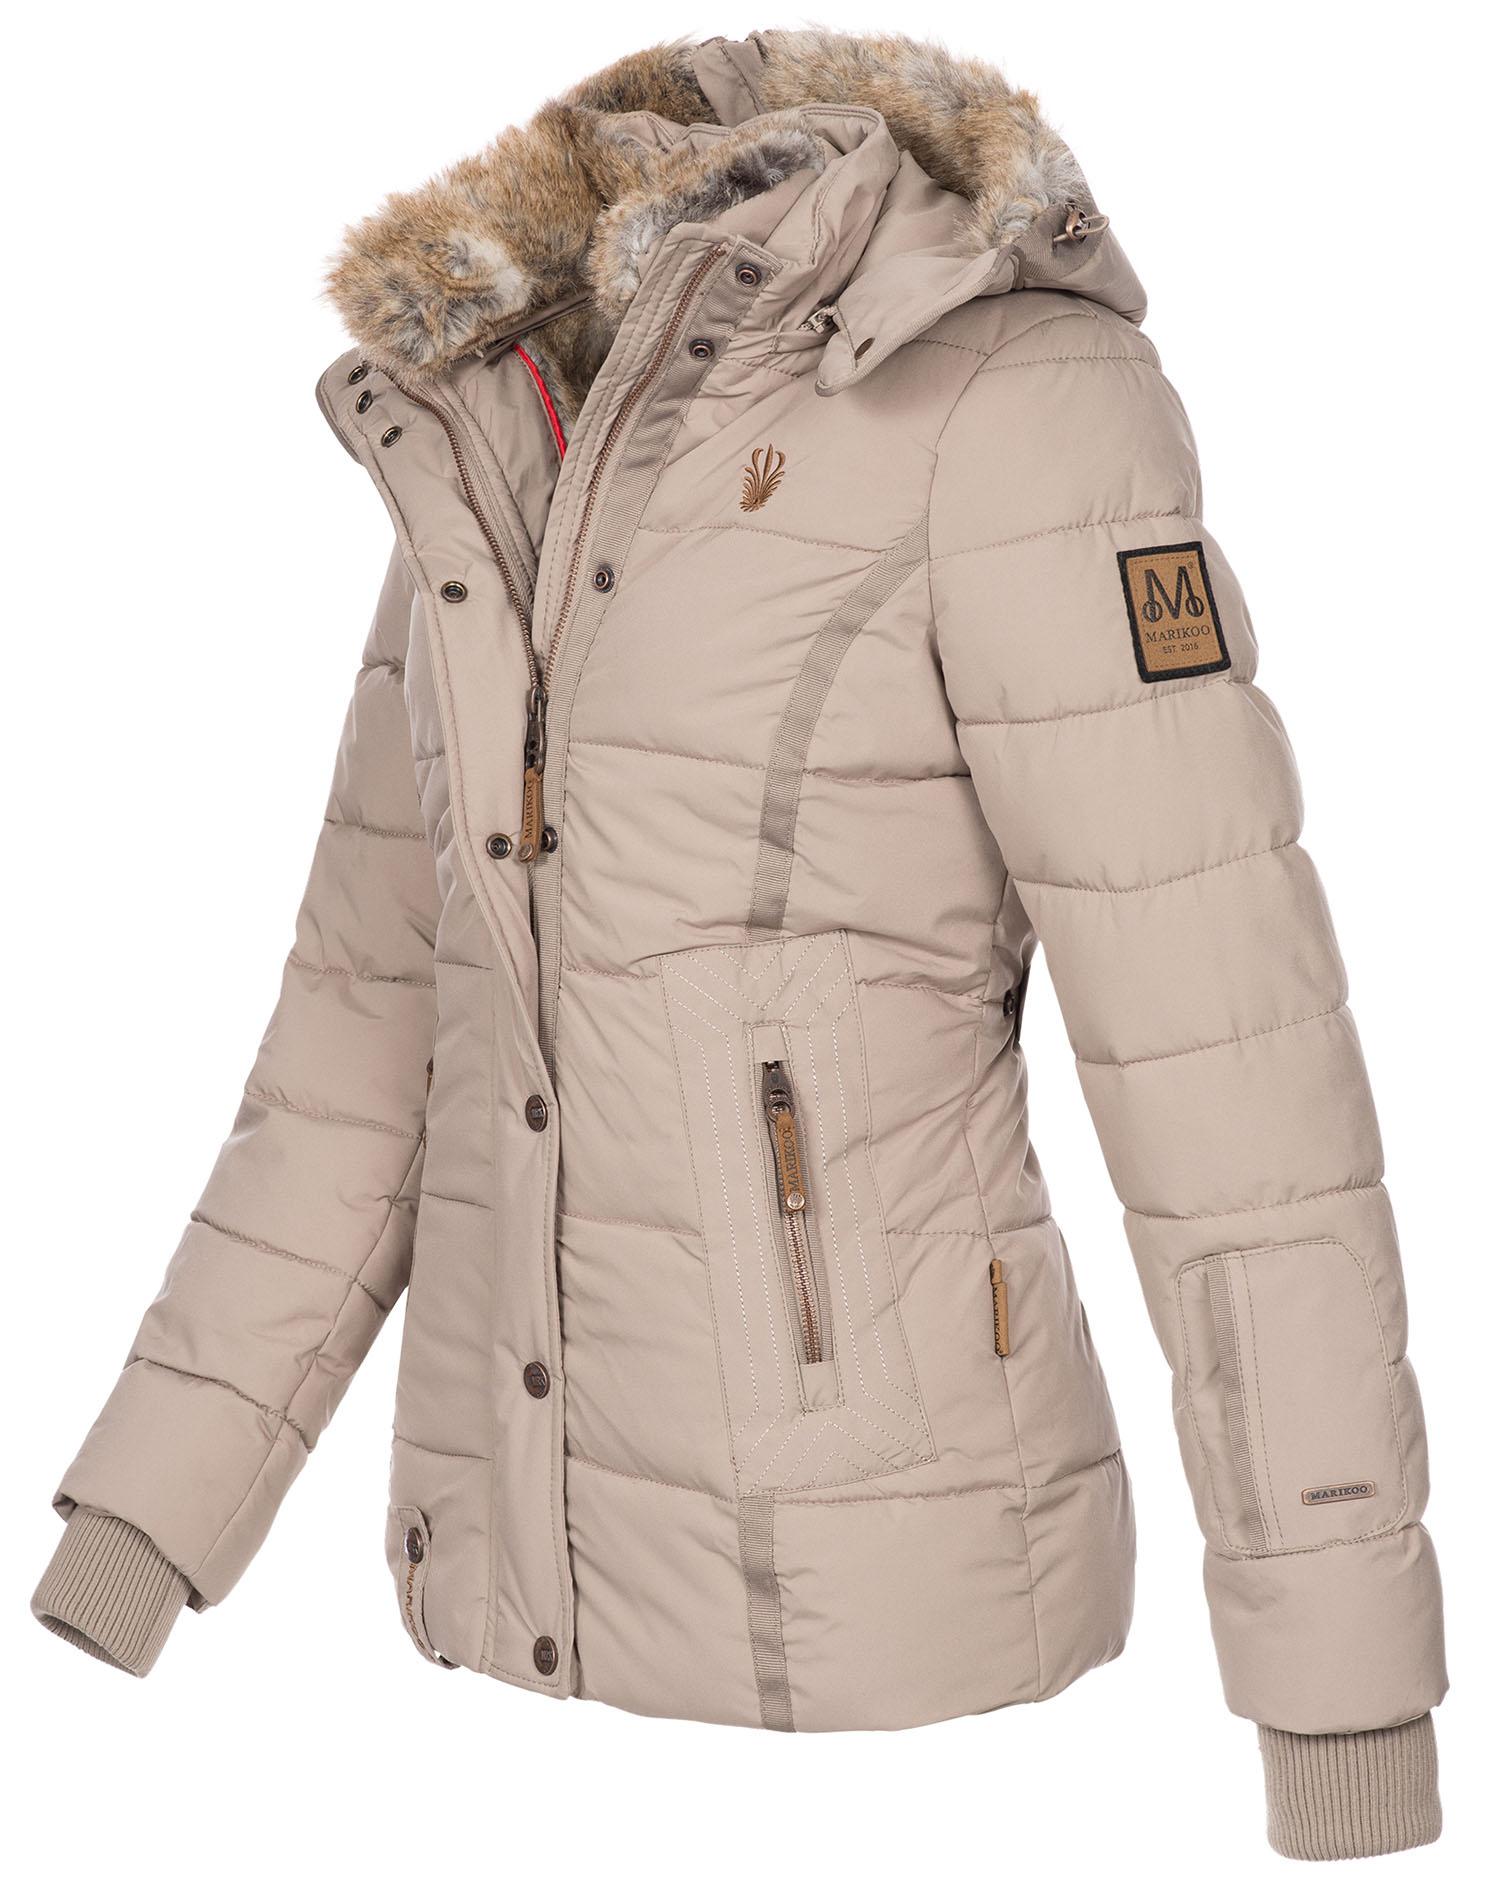 Marikoo warme Damen Winter Jacke Winterjacke Steppjacke gef/üttert Kunstfell B618